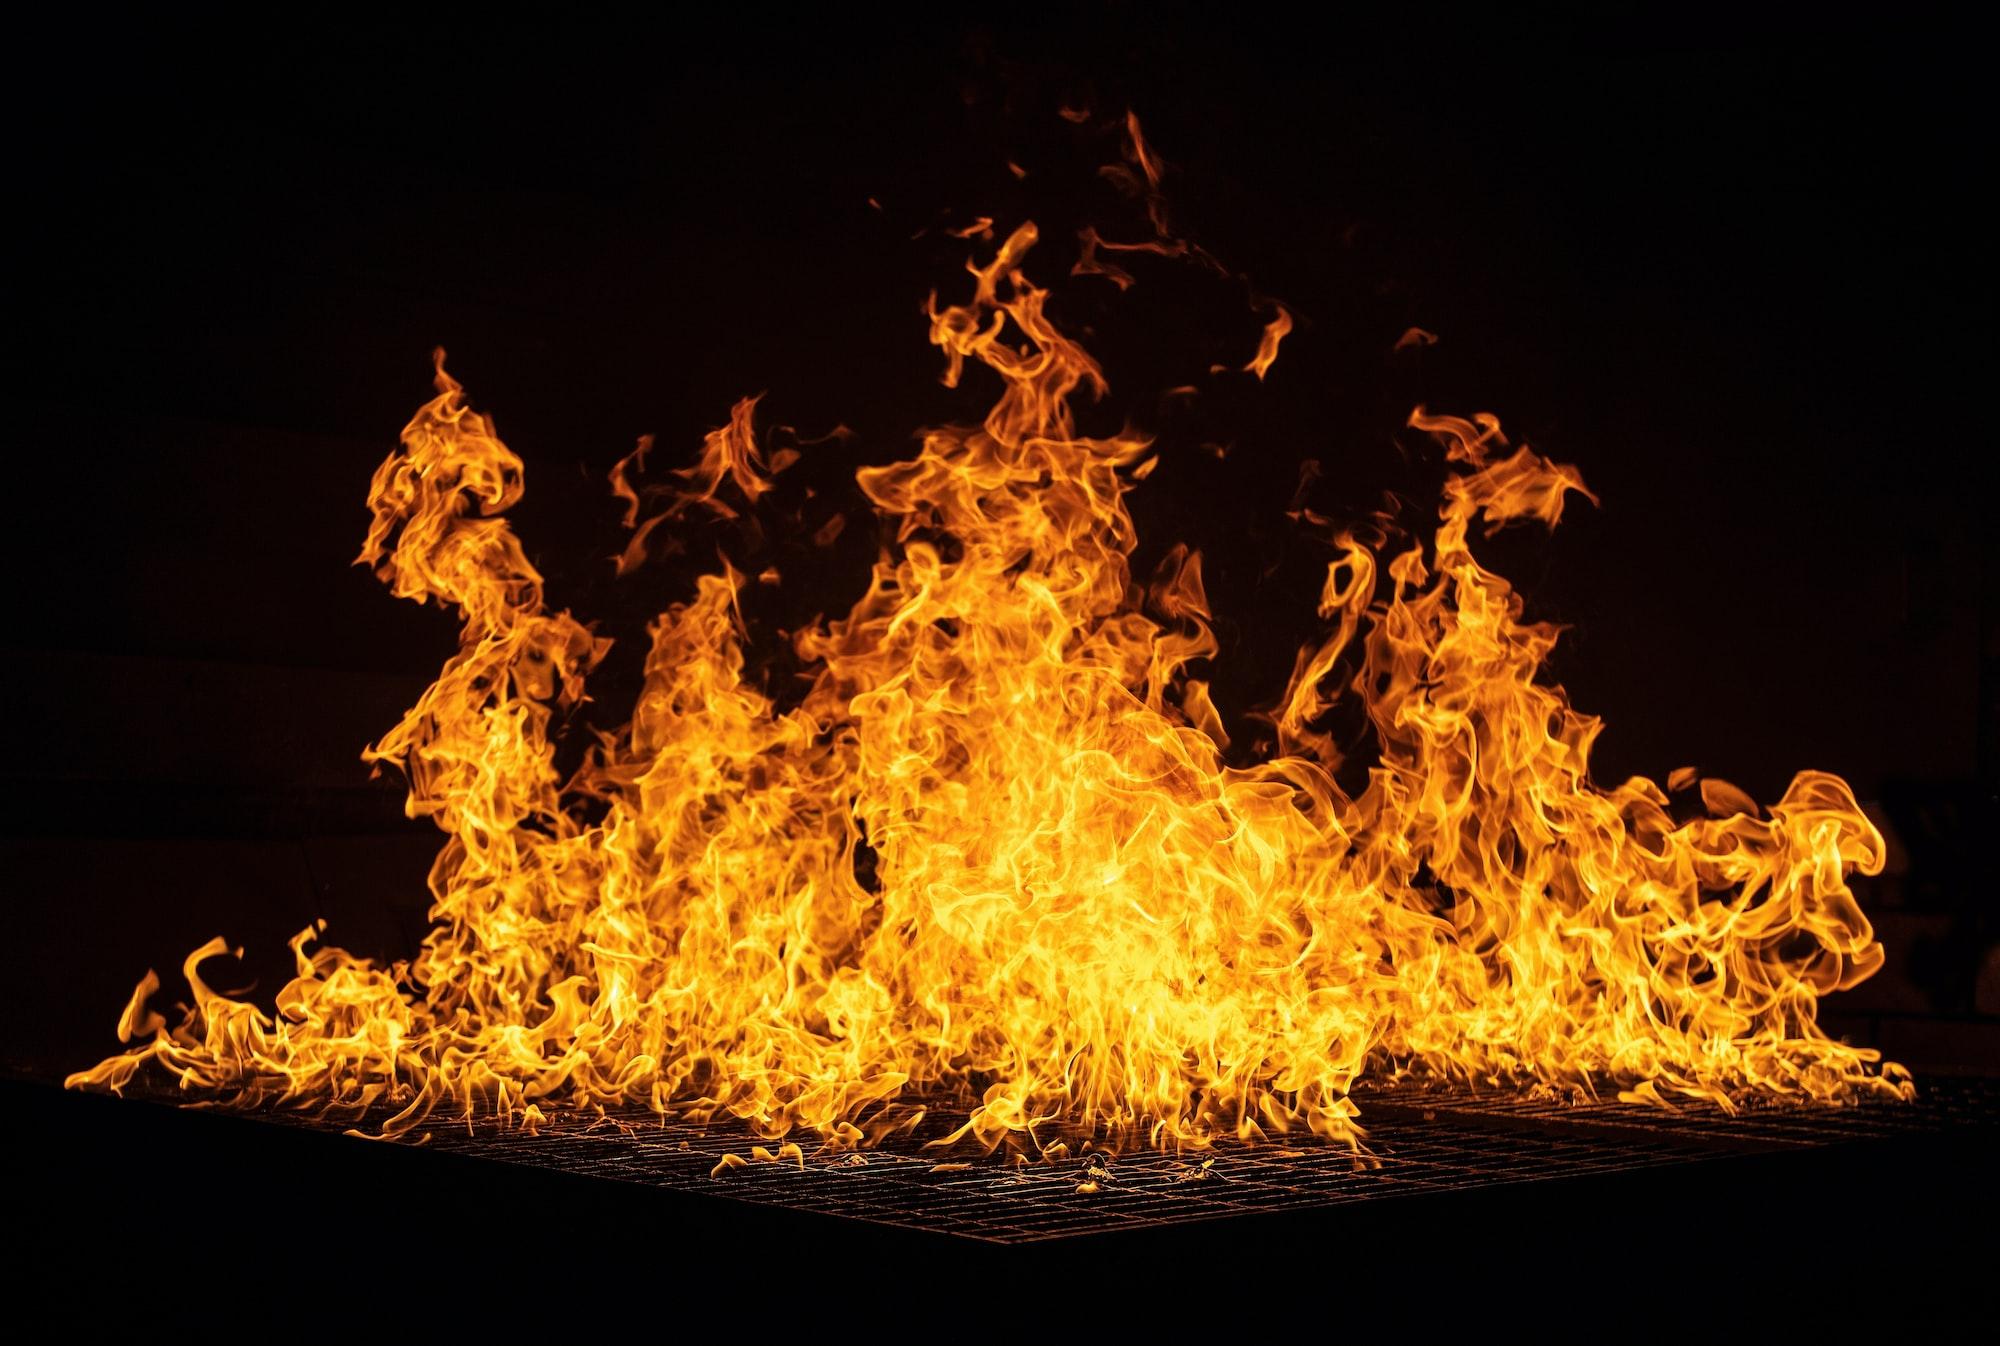 Fire 259